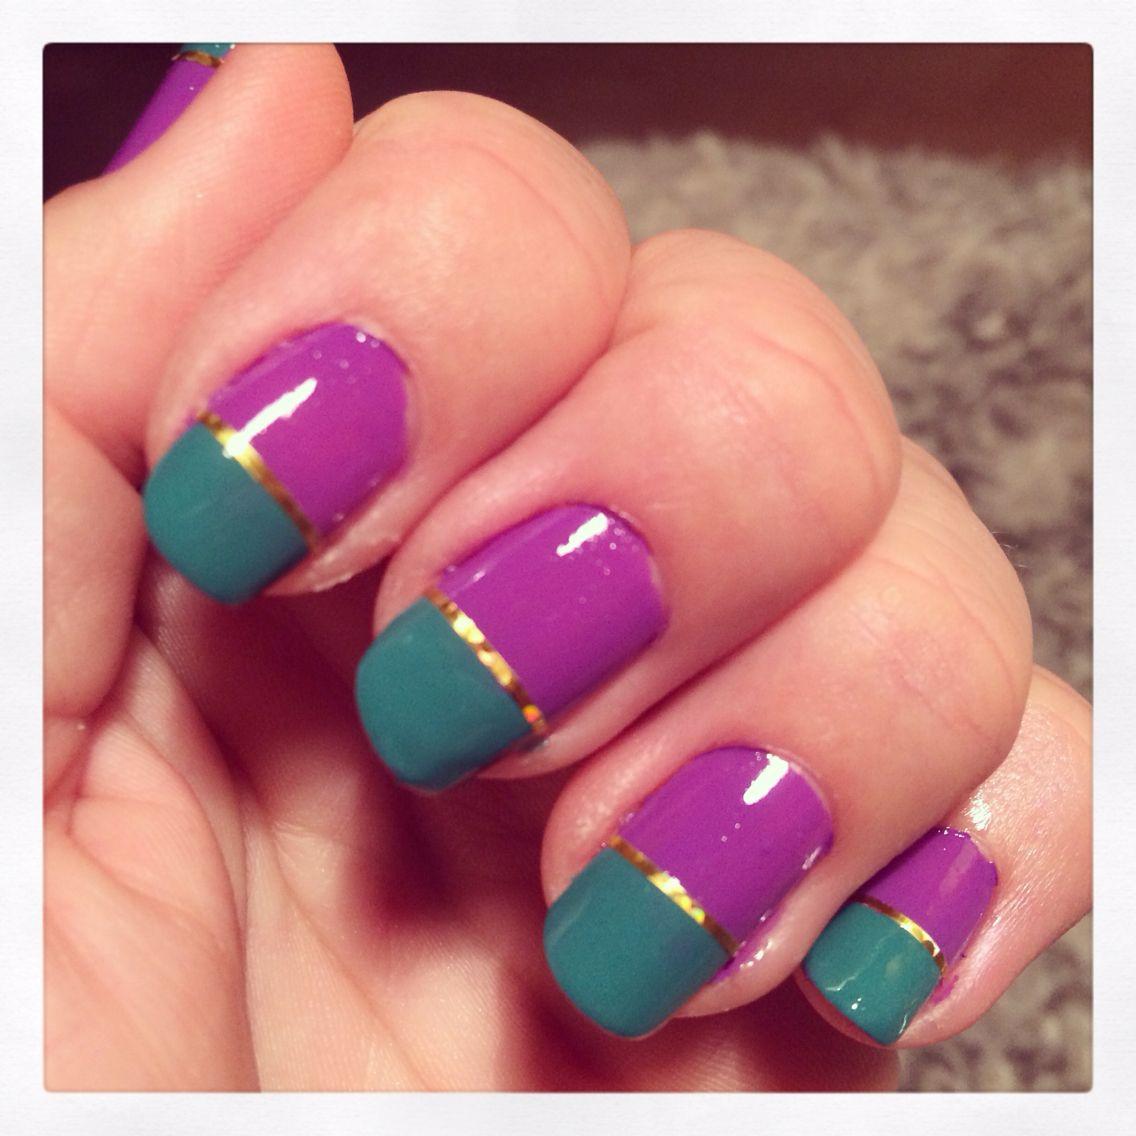 Älskar att hitta på något kul på mina naglar